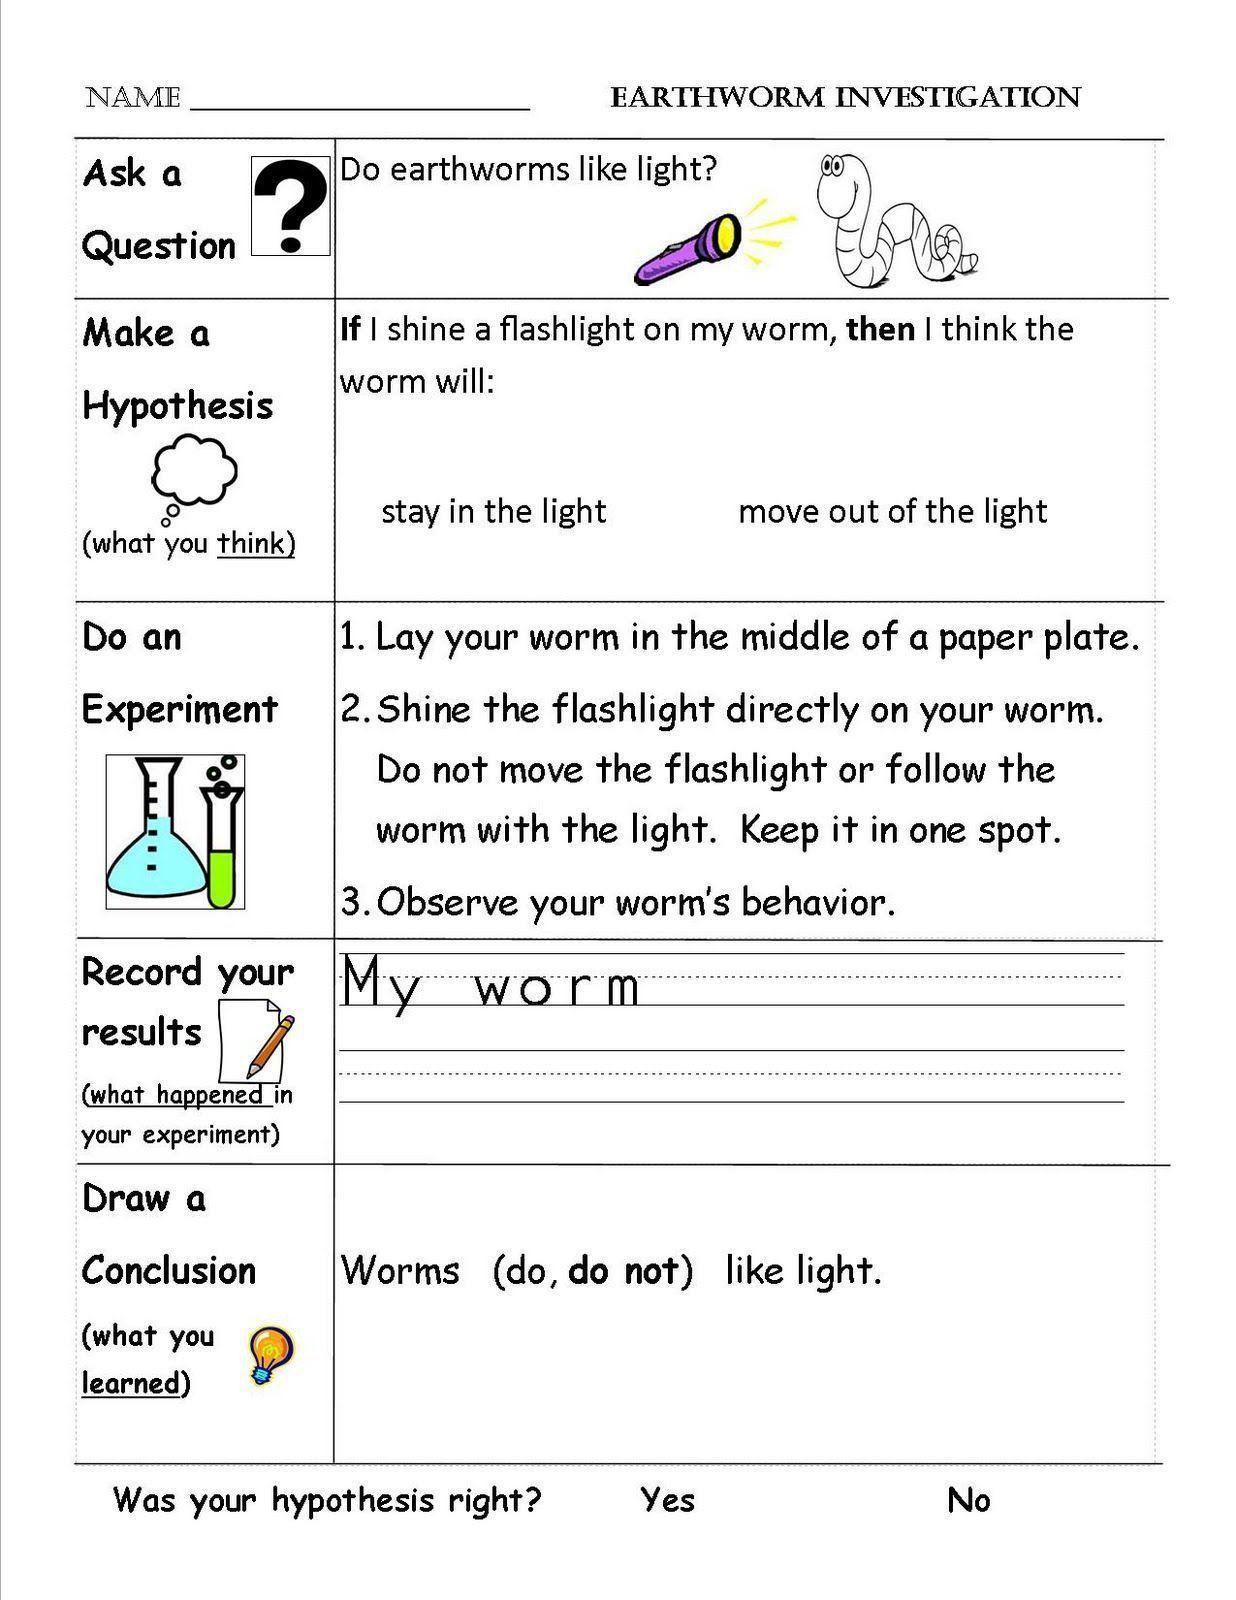 Scientific Method Worksheet High School Scientific Method In 2020 Scientific Method Worksheet Scientific Method Scientific Method Lesson